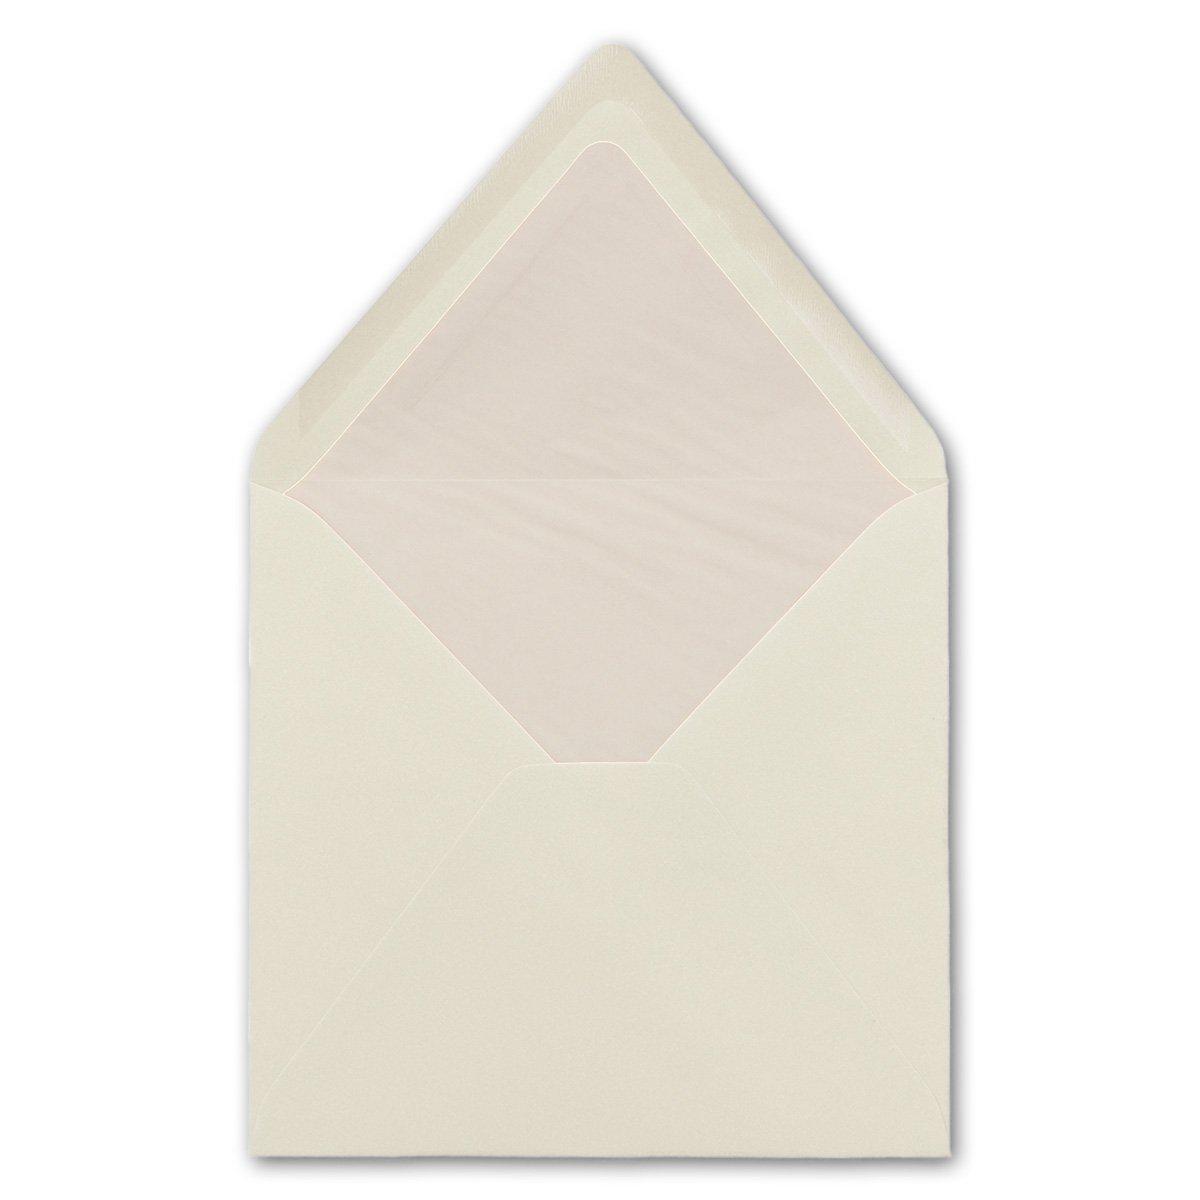 Caribicblau mit wei/ßem Seidenfutter 25 St/ück Umschl/äge Quadratisch 16 x 16 cm Na/ßklebung mit spitzer Verschlussklappe |Ideal f/ür Gr/ü/ße und Einladungen gef/ütterte quadratische Briefumschl/äge